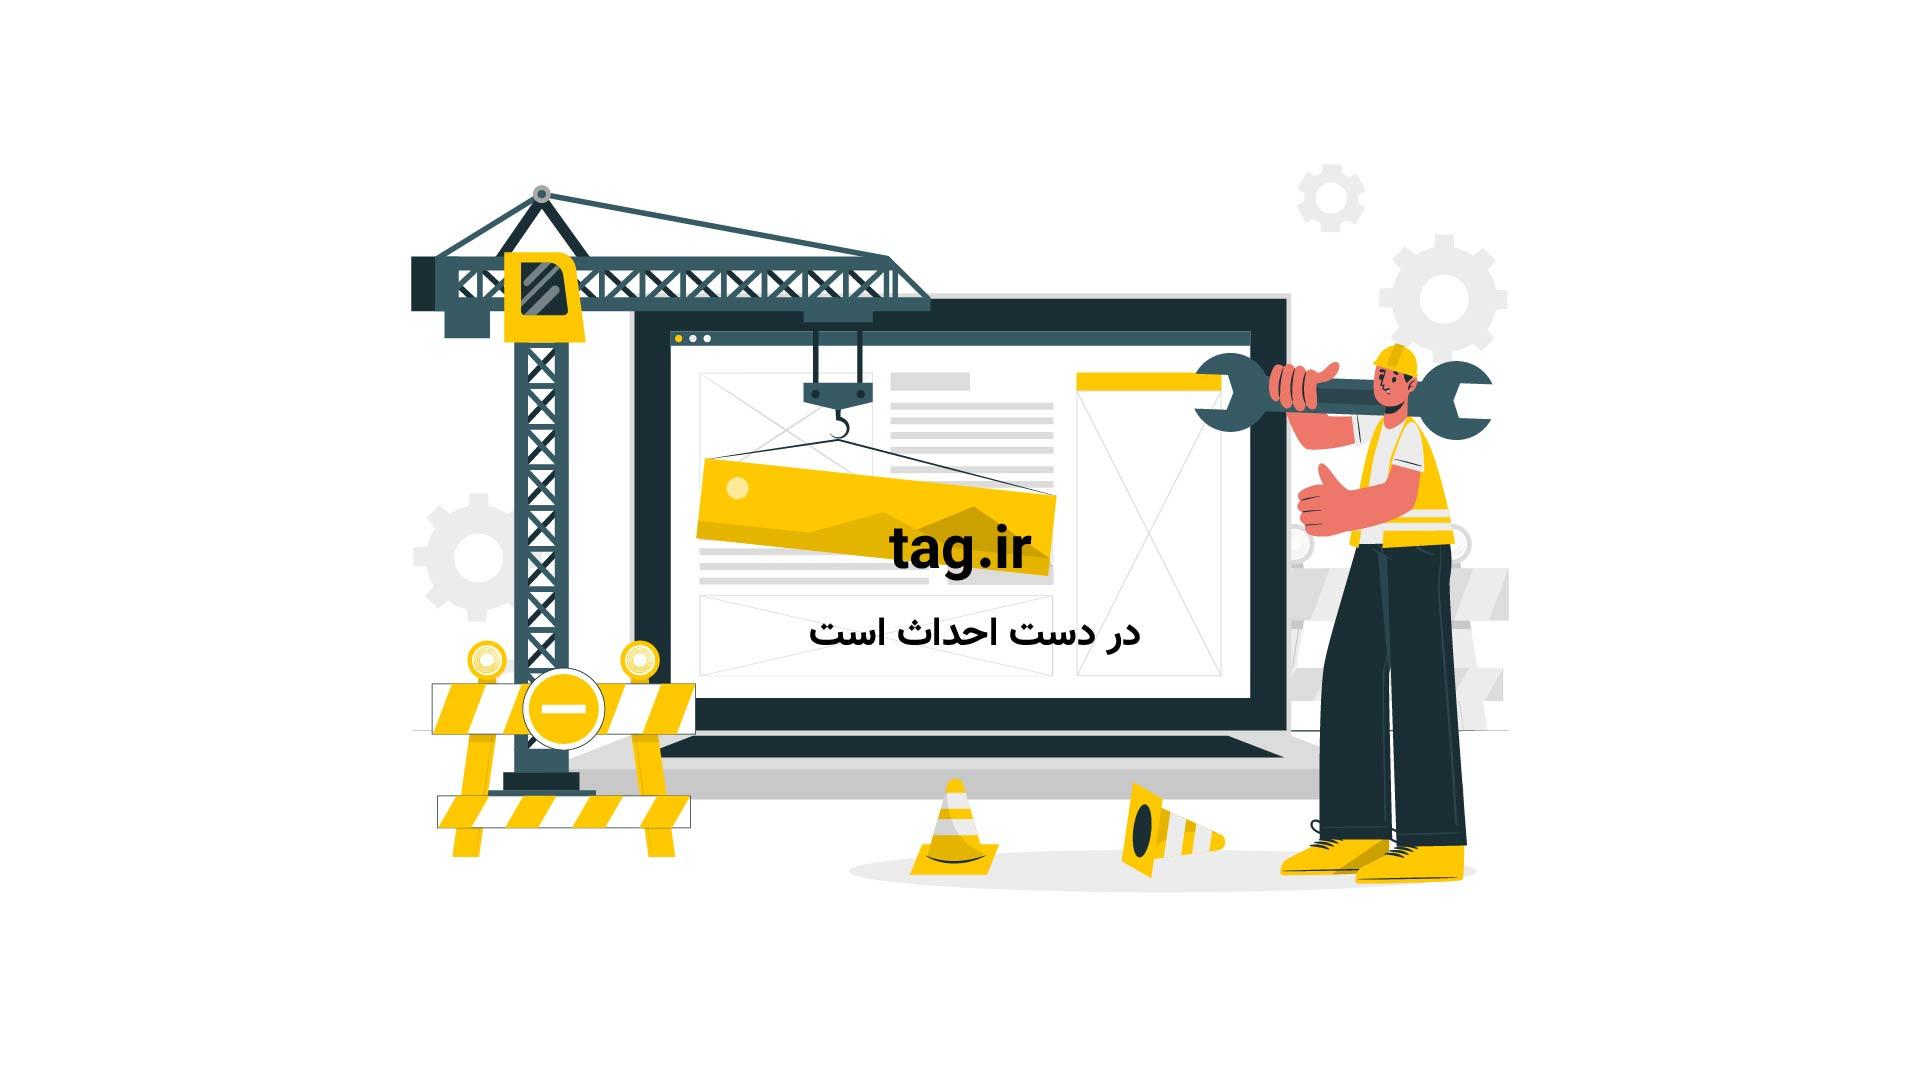 برنامه قدرتمند پیش بینی آب و هوا برای گوشی با سیستم عامل اندروید | فیلم